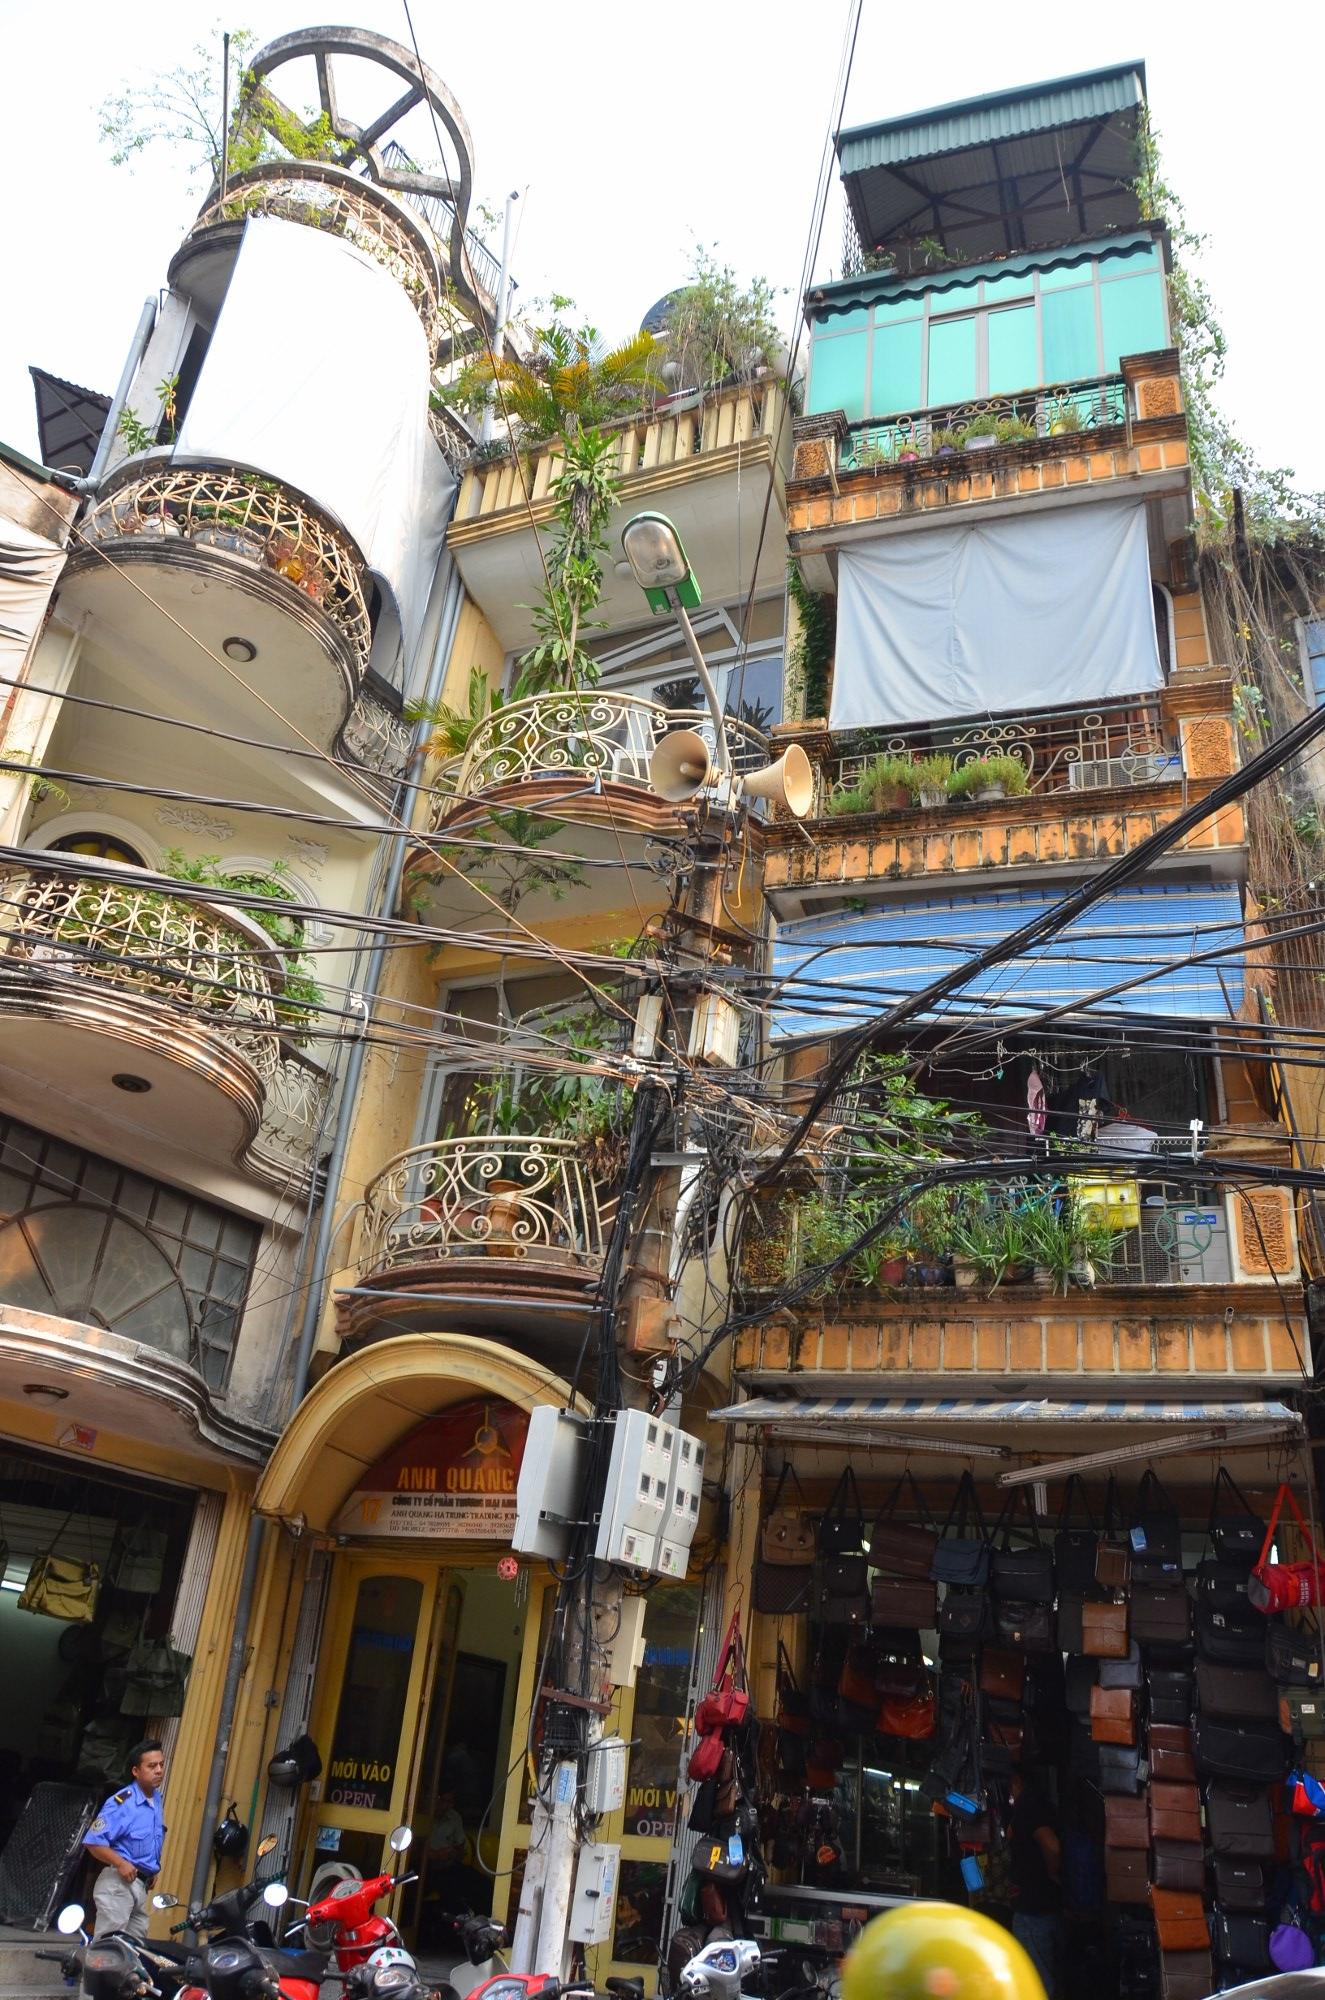 Hanói, em toda glória, casas estreitas, fiação elétrica e arquitetura francesa colonial